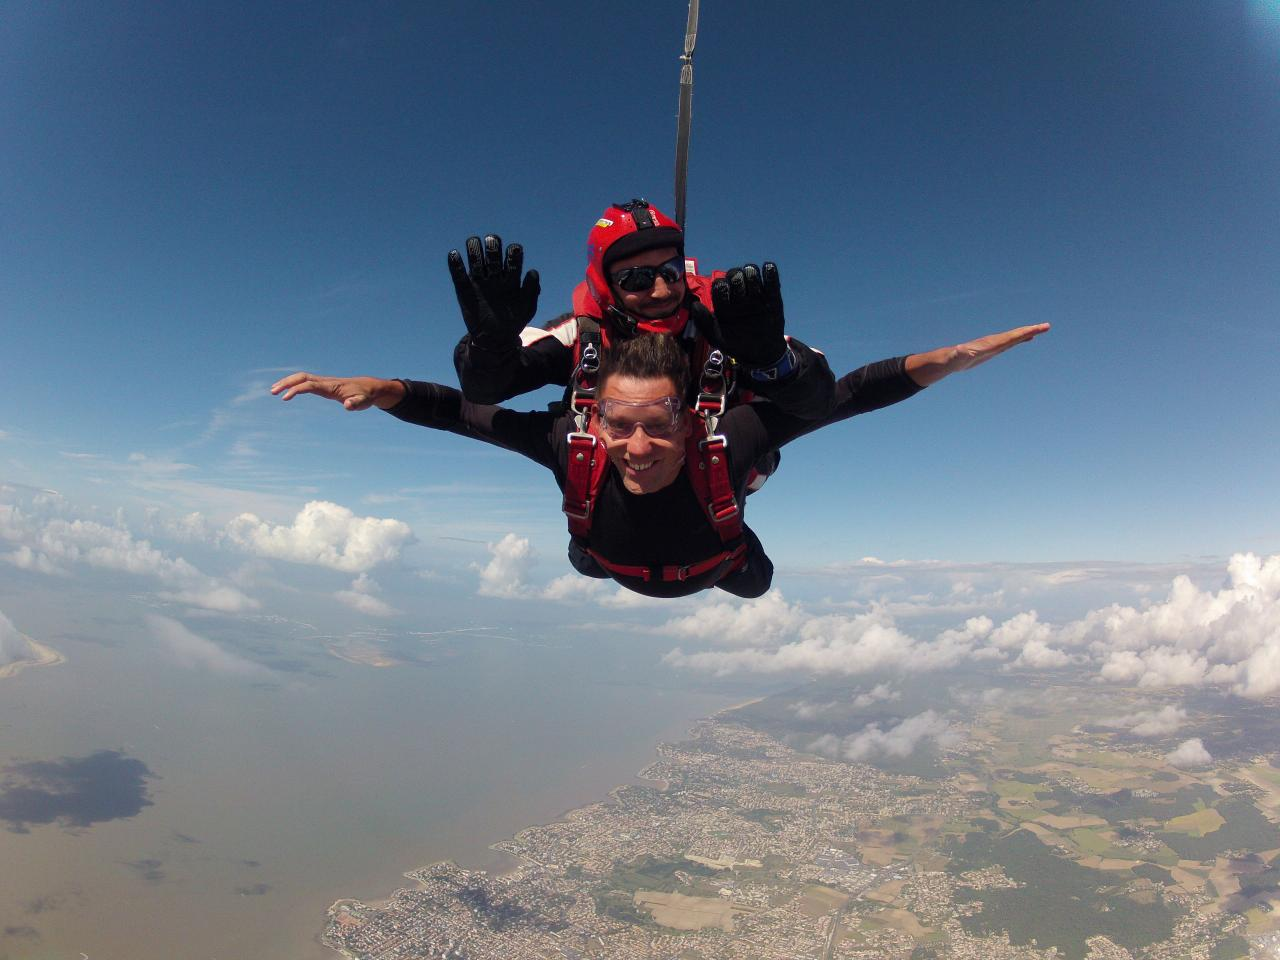 saut en parachute 2018